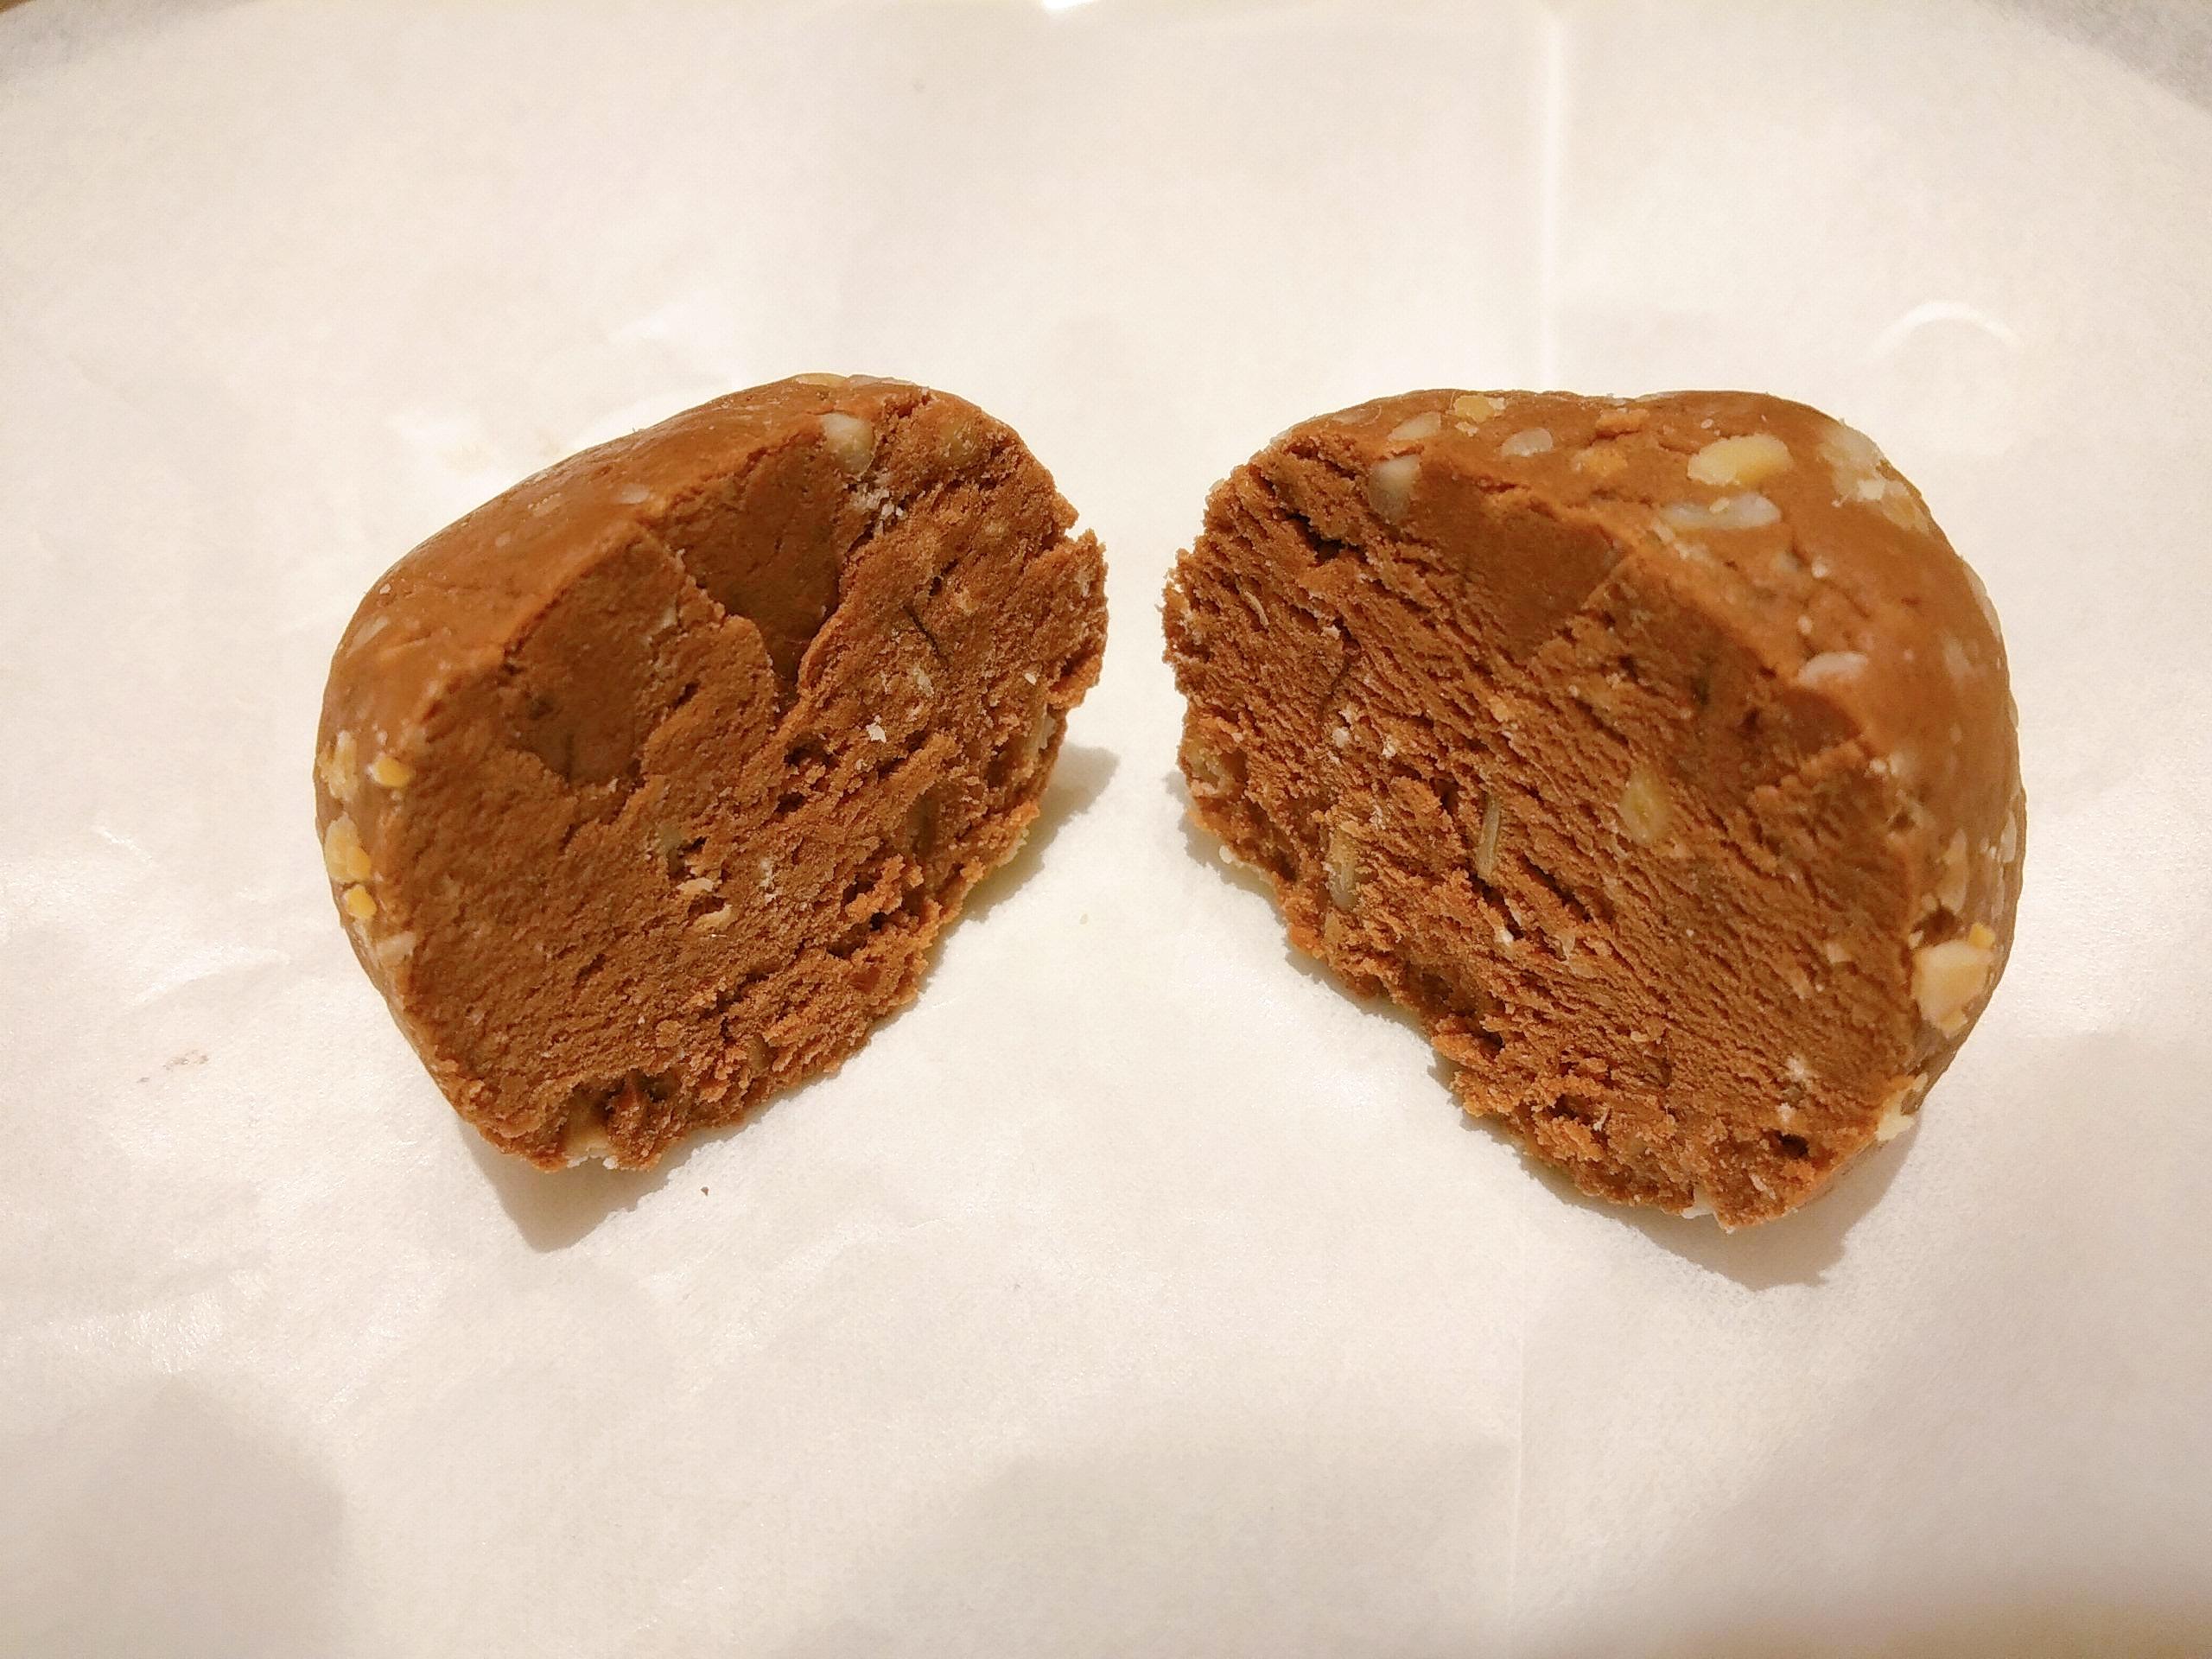 マイプロテインの「ビーガンプロテインボール:ピーナッツ味」の断面の様子